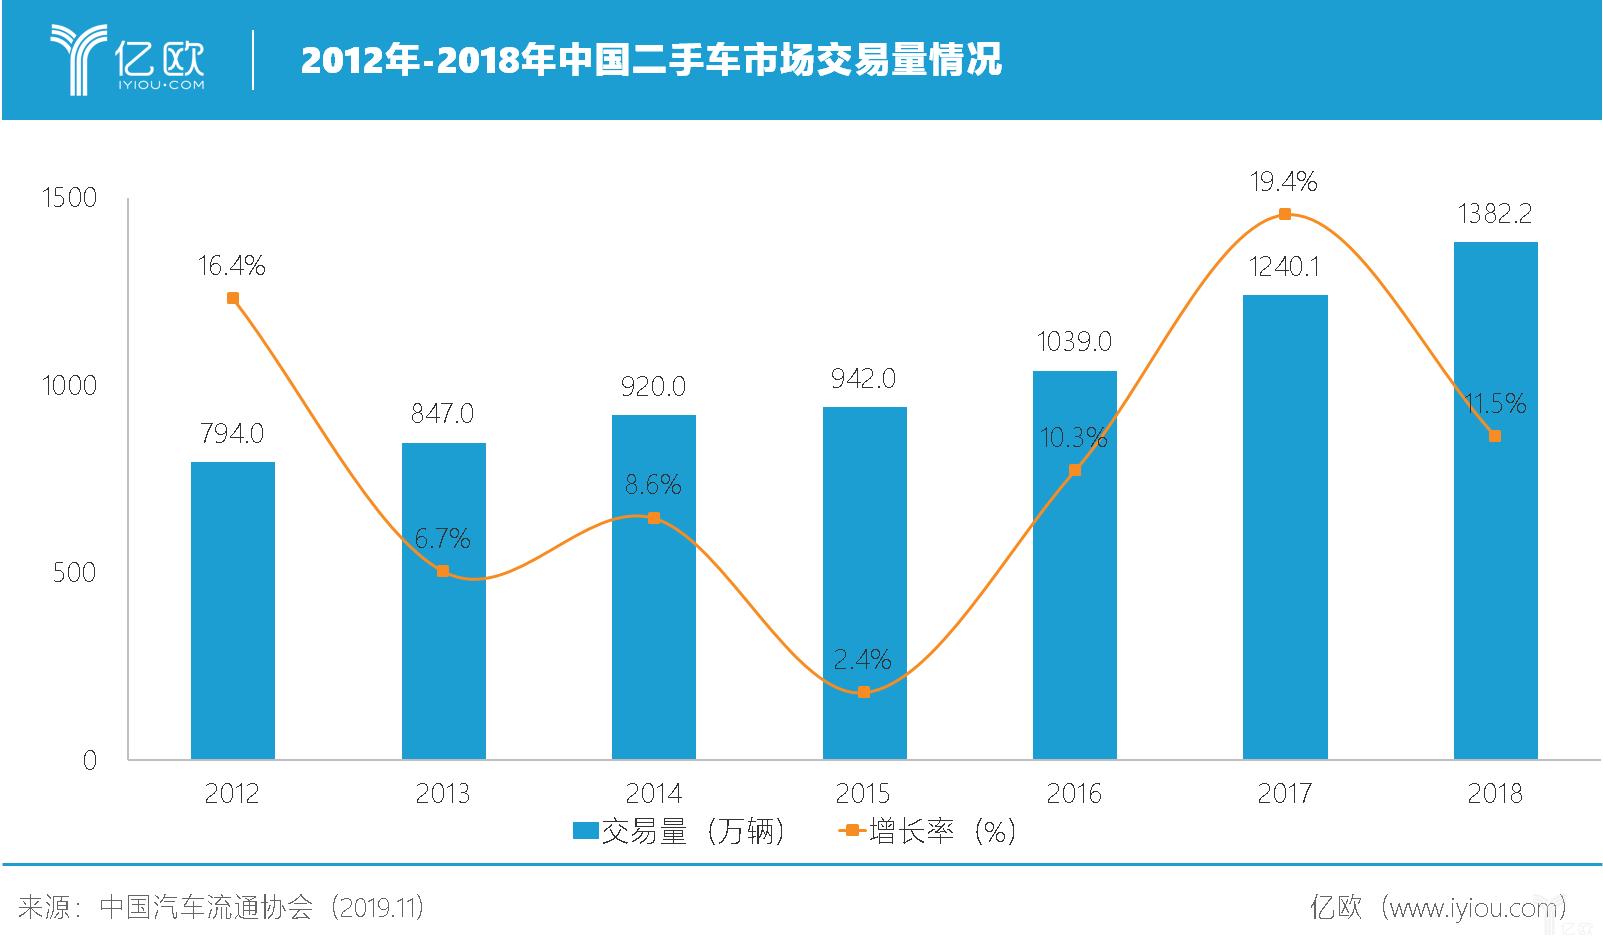 2012年-2018年中国二手车市场交易量情况